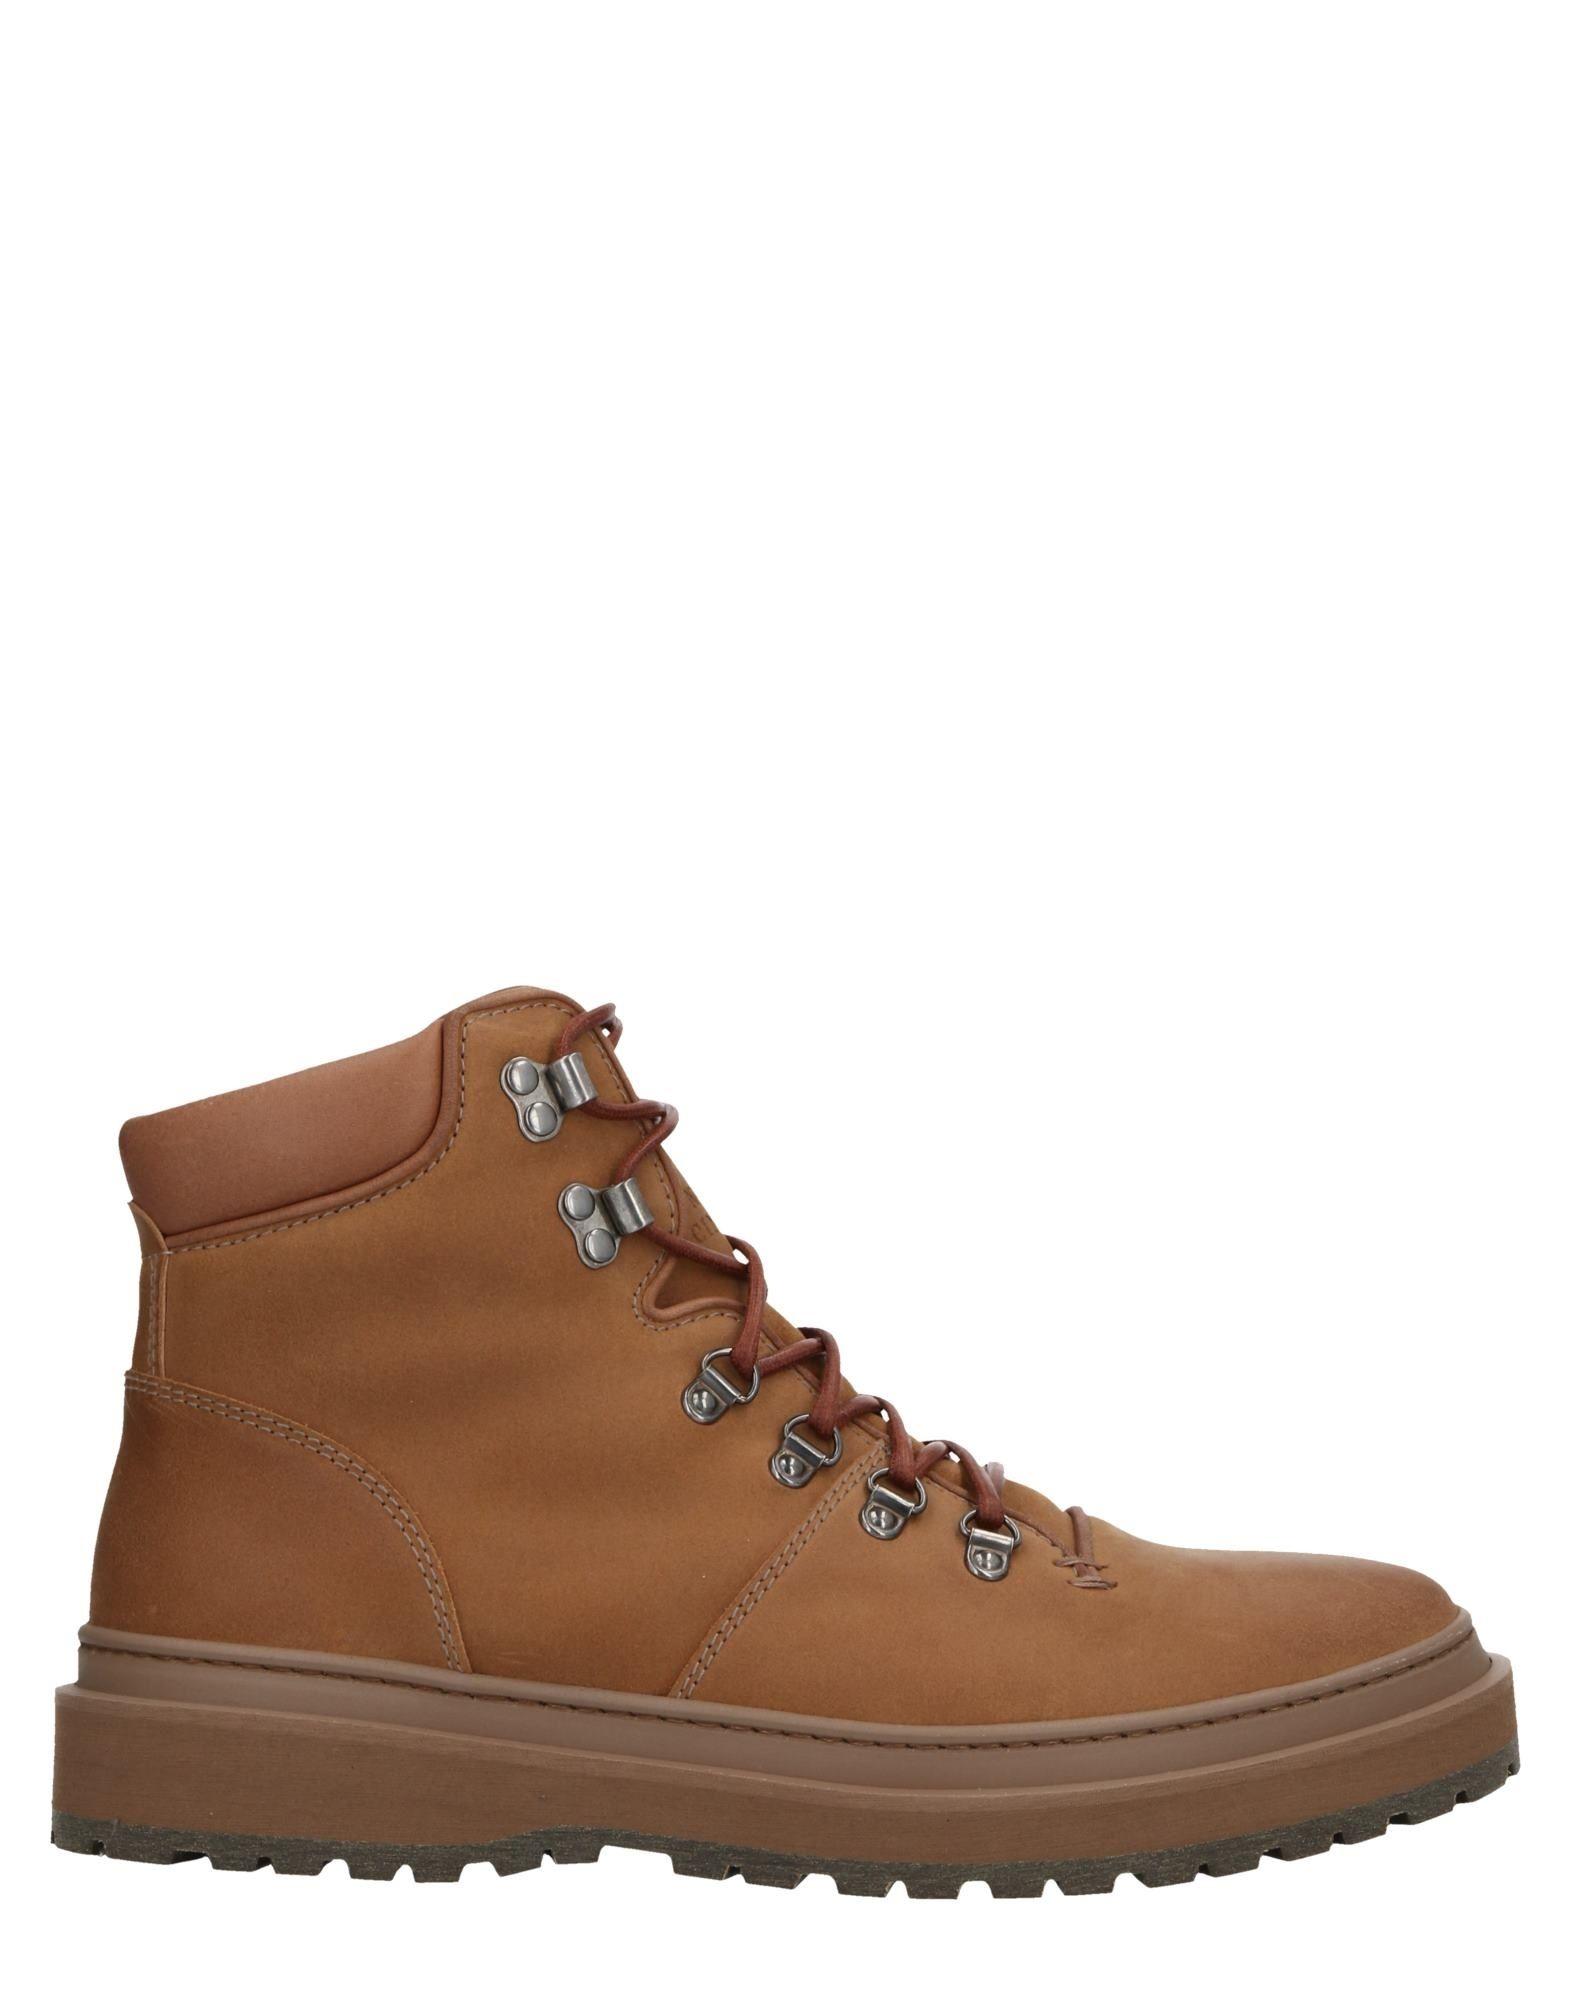 Brunello Cucinelli Stiefelette Herren  11516145WJ Gute Qualität beliebte Schuhe